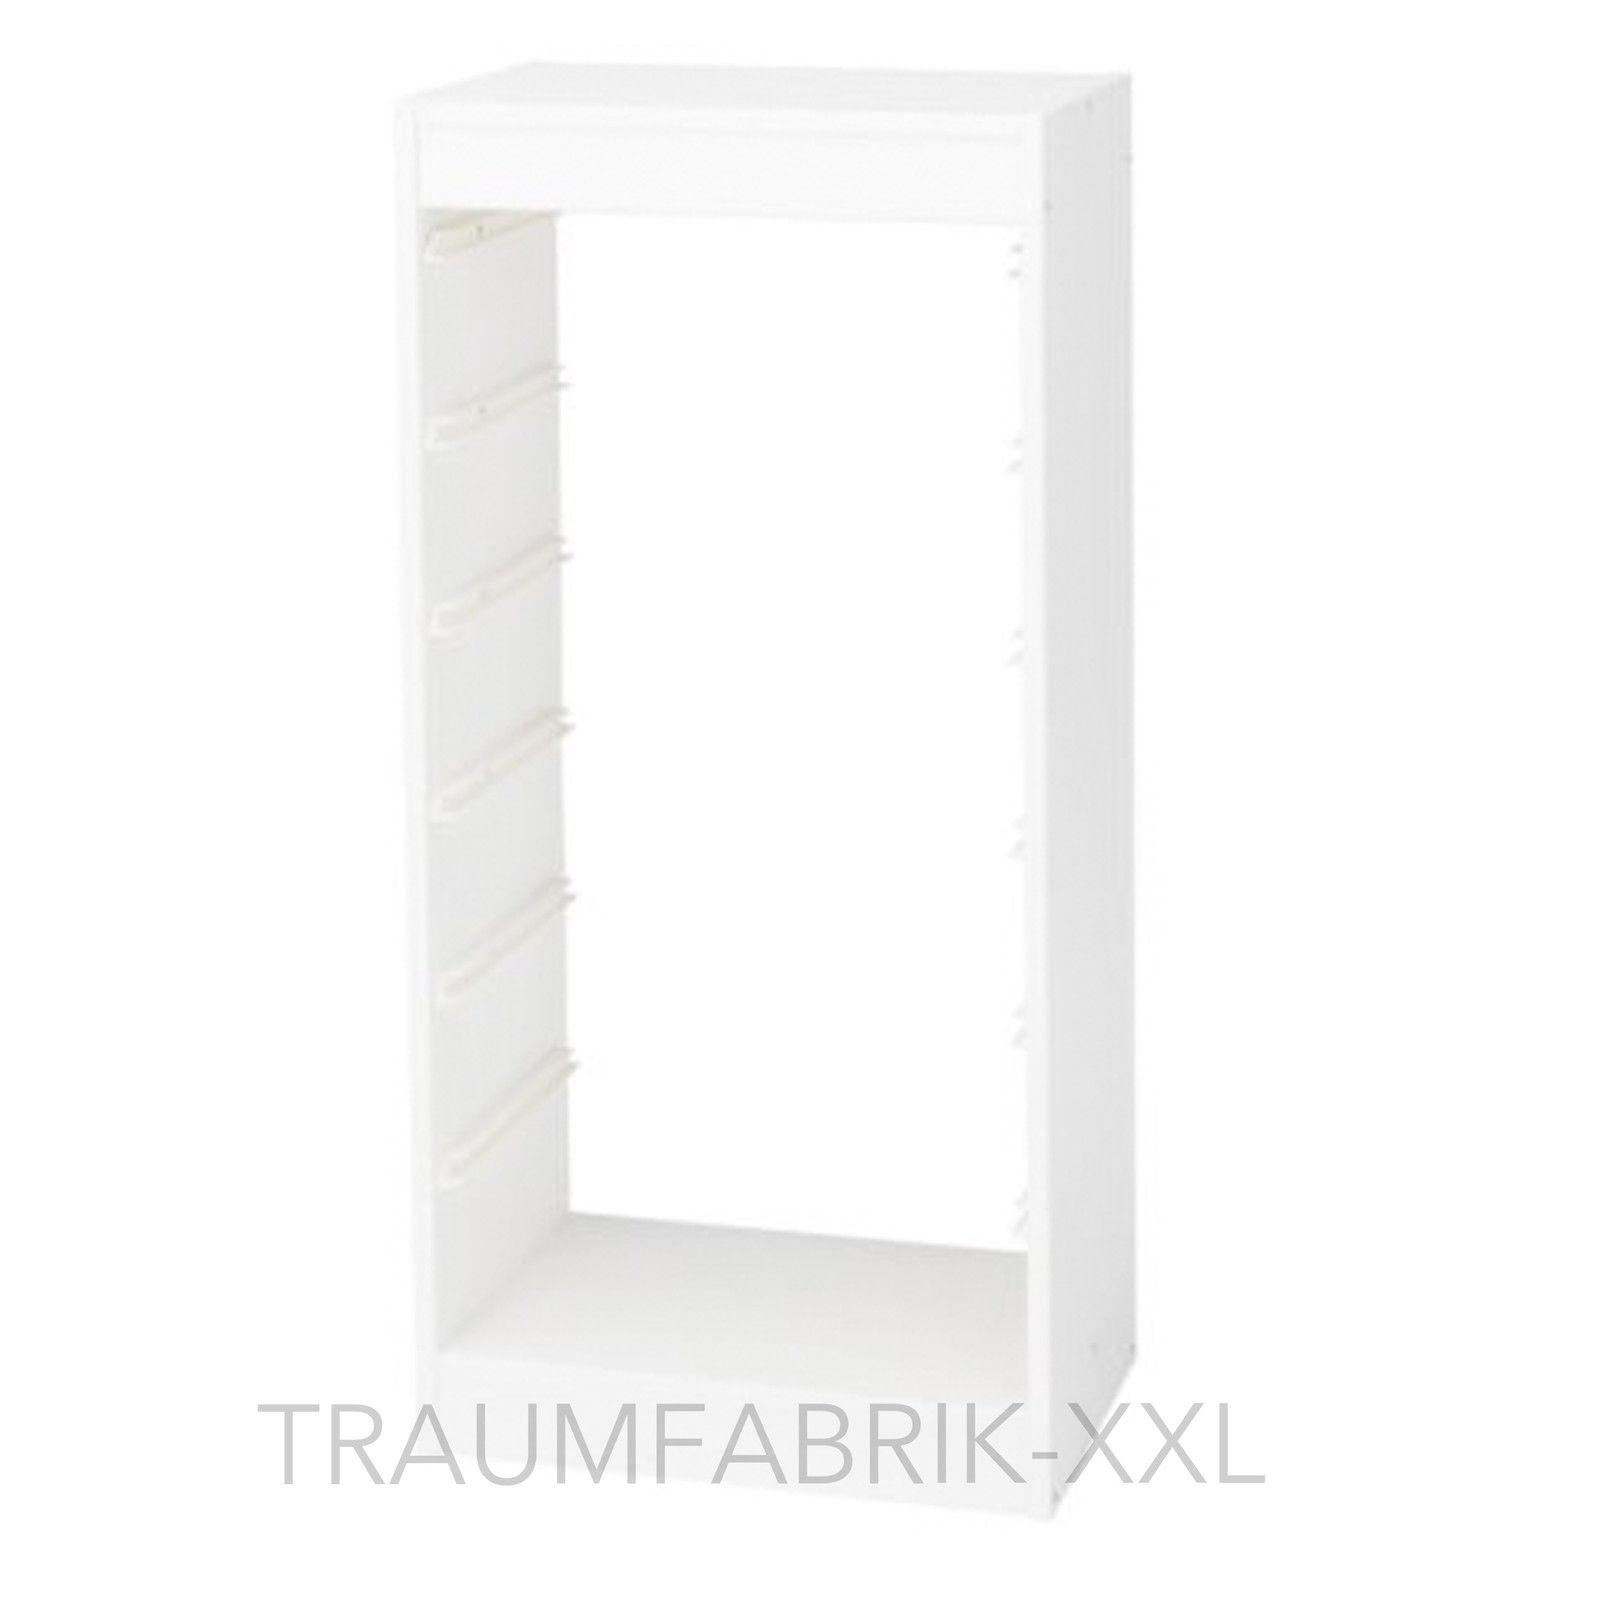 Ikea Aufbewahrung Kinder ikea regalrahmen 46x30x94 cm aufbewahrung kinder regal rahmen weiß